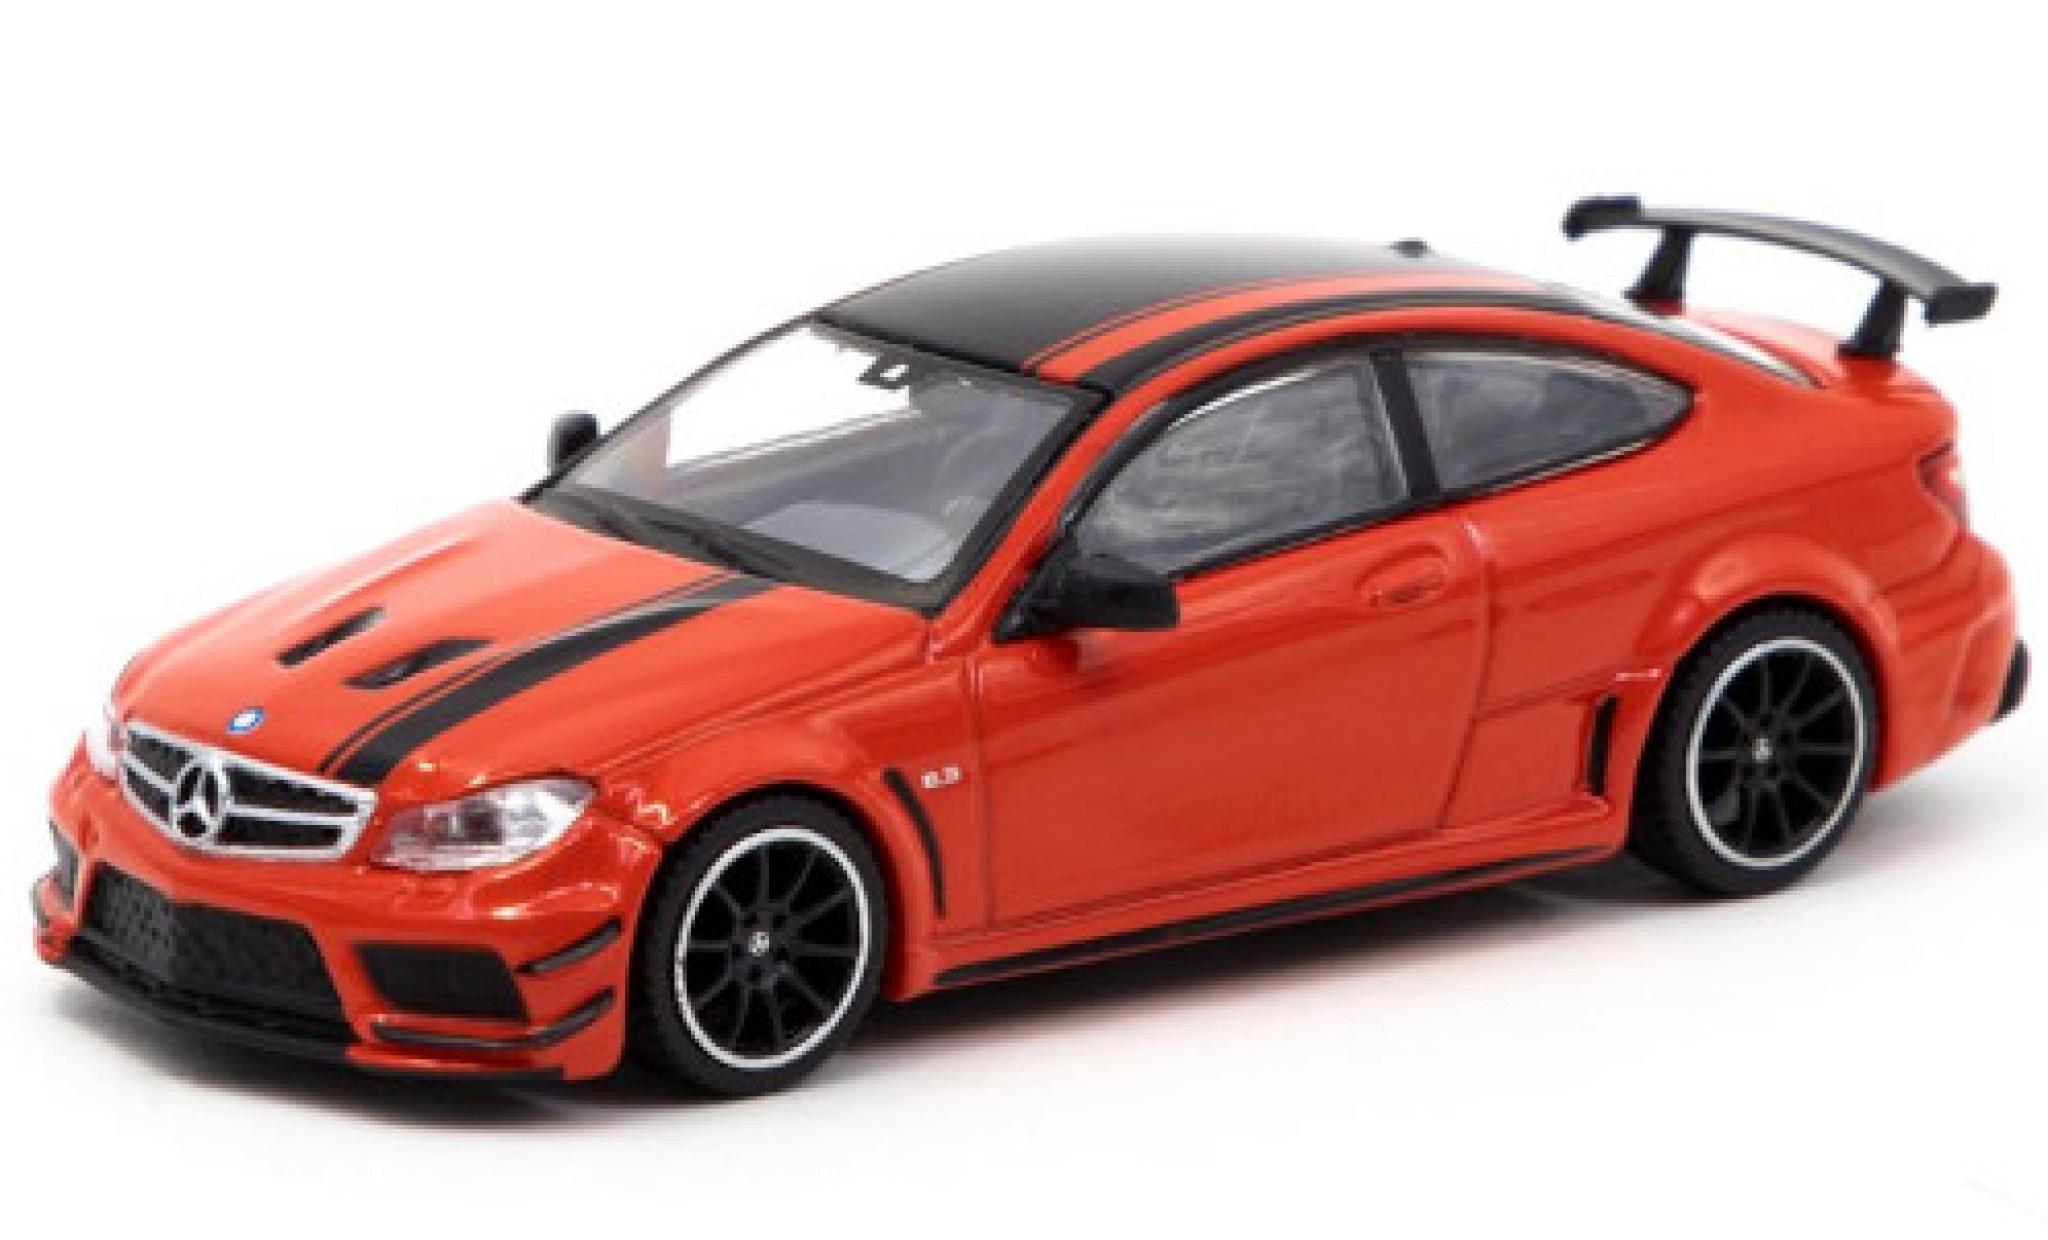 Mercedes Classe C 1/64 Tarmac Works C 63 AMG Coupe Black Series (C205) rouge/noire